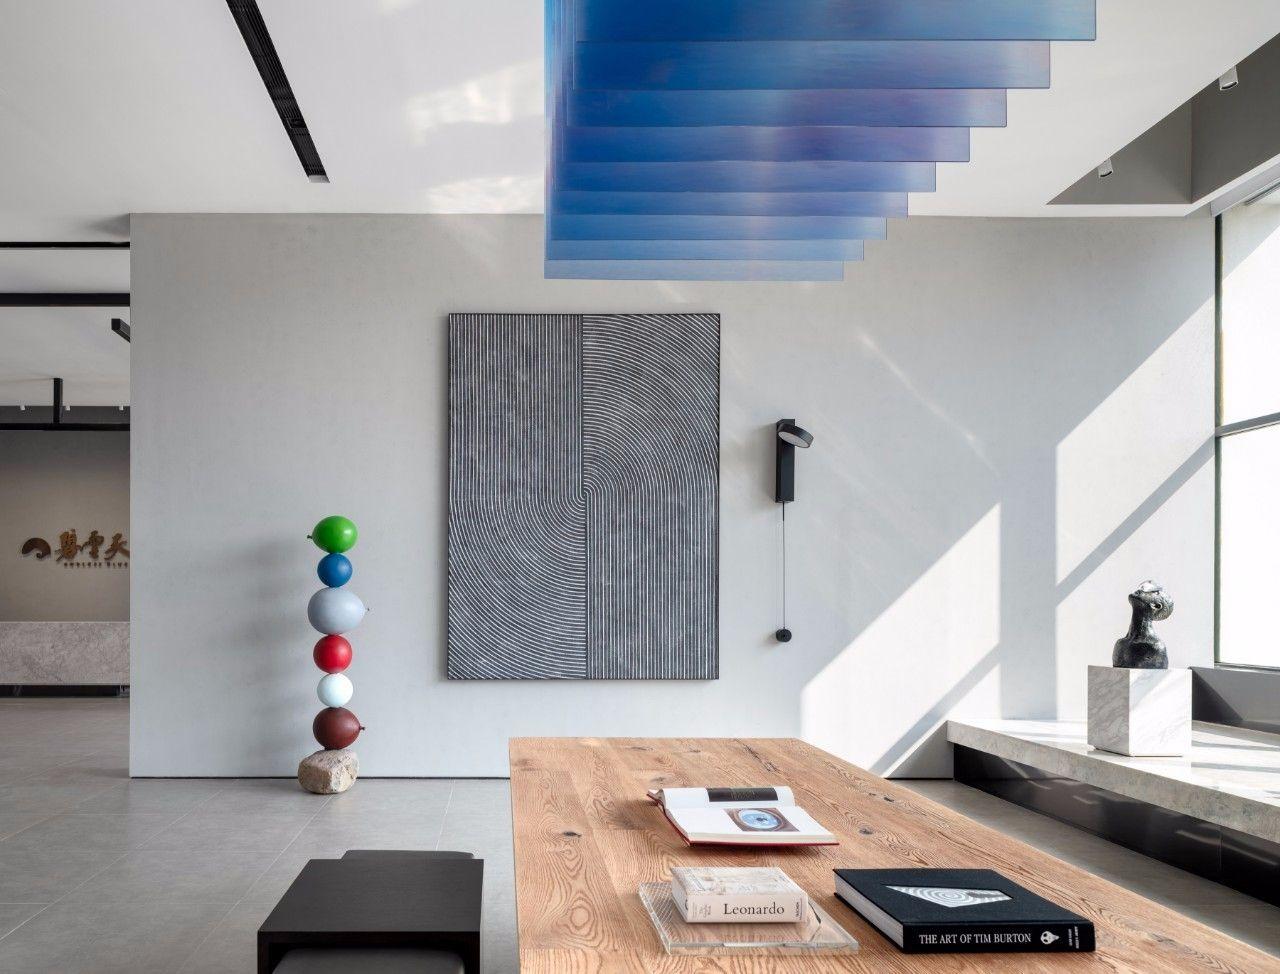 【G&K新作】武汉最艺术的沉浸体验式售楼处设计|G&K建筑设计咨询有限公司 - 7